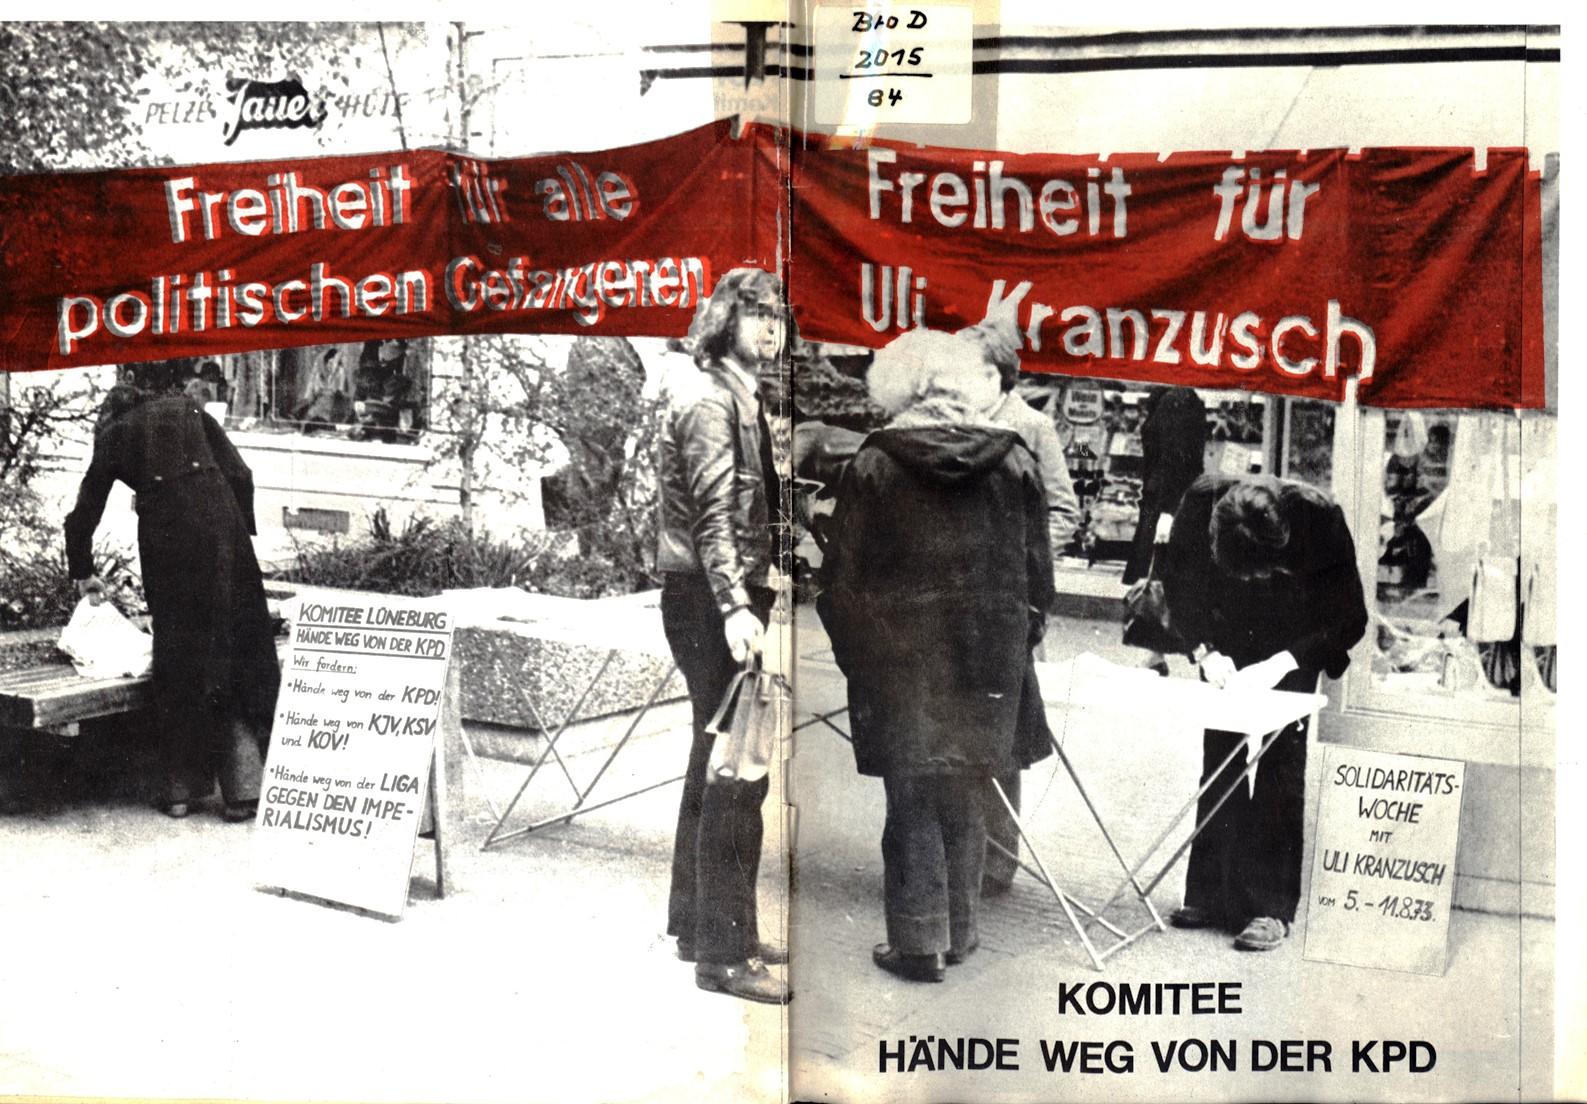 Komitee_Haende_weg_von_der_KPD_1973_Freiheit_fuer_Uli_Kranzusch_01